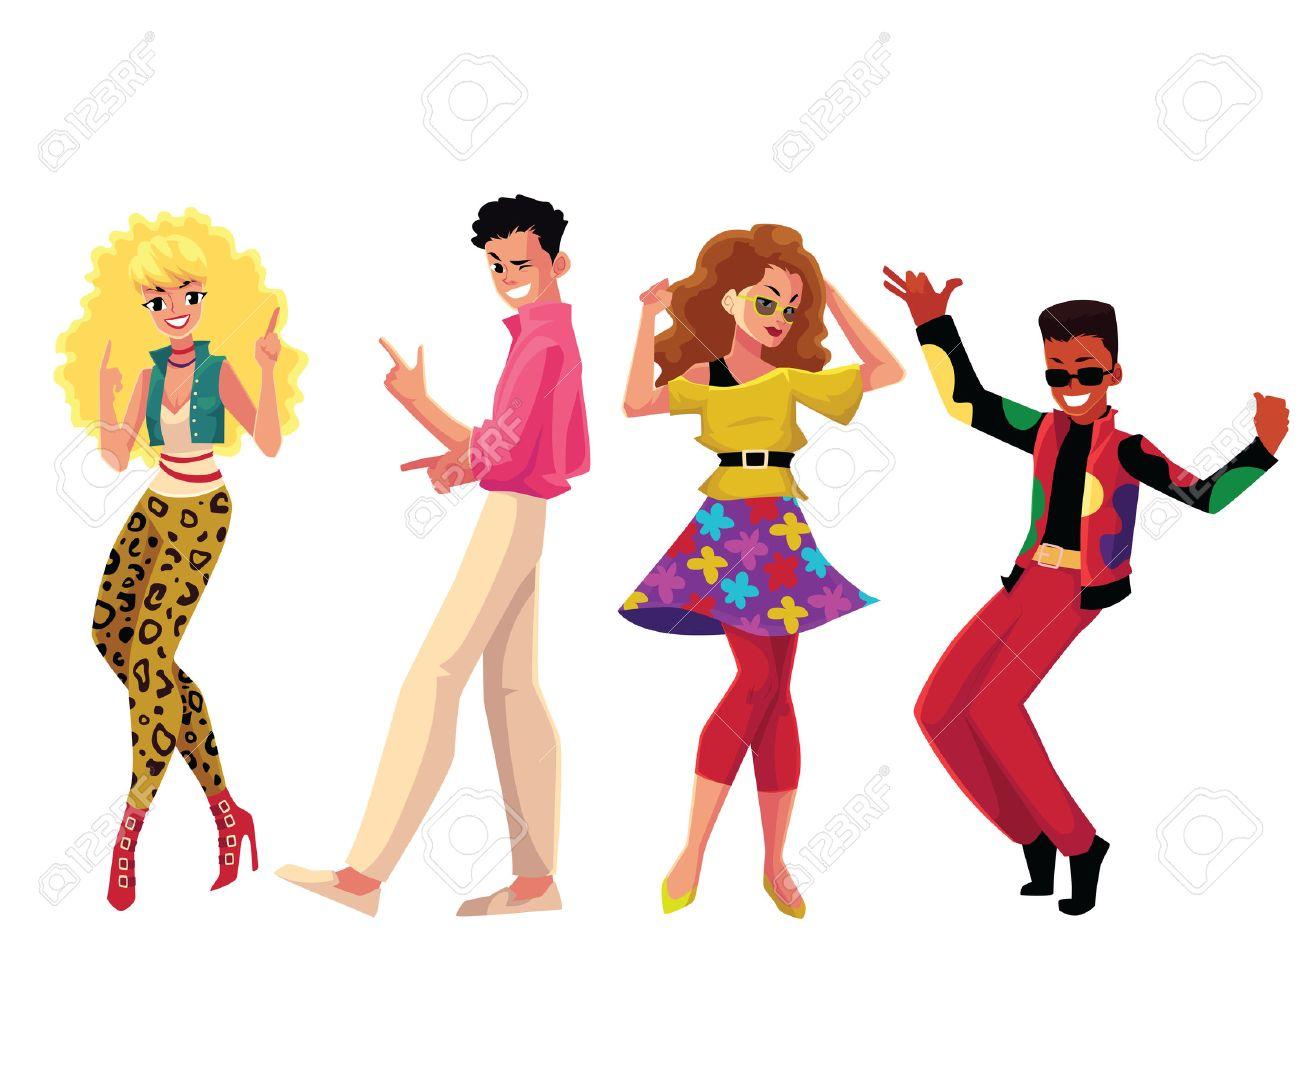 La Gente En Los Anos 80 Estilo De Los Anos Ochenta Bailando Disco